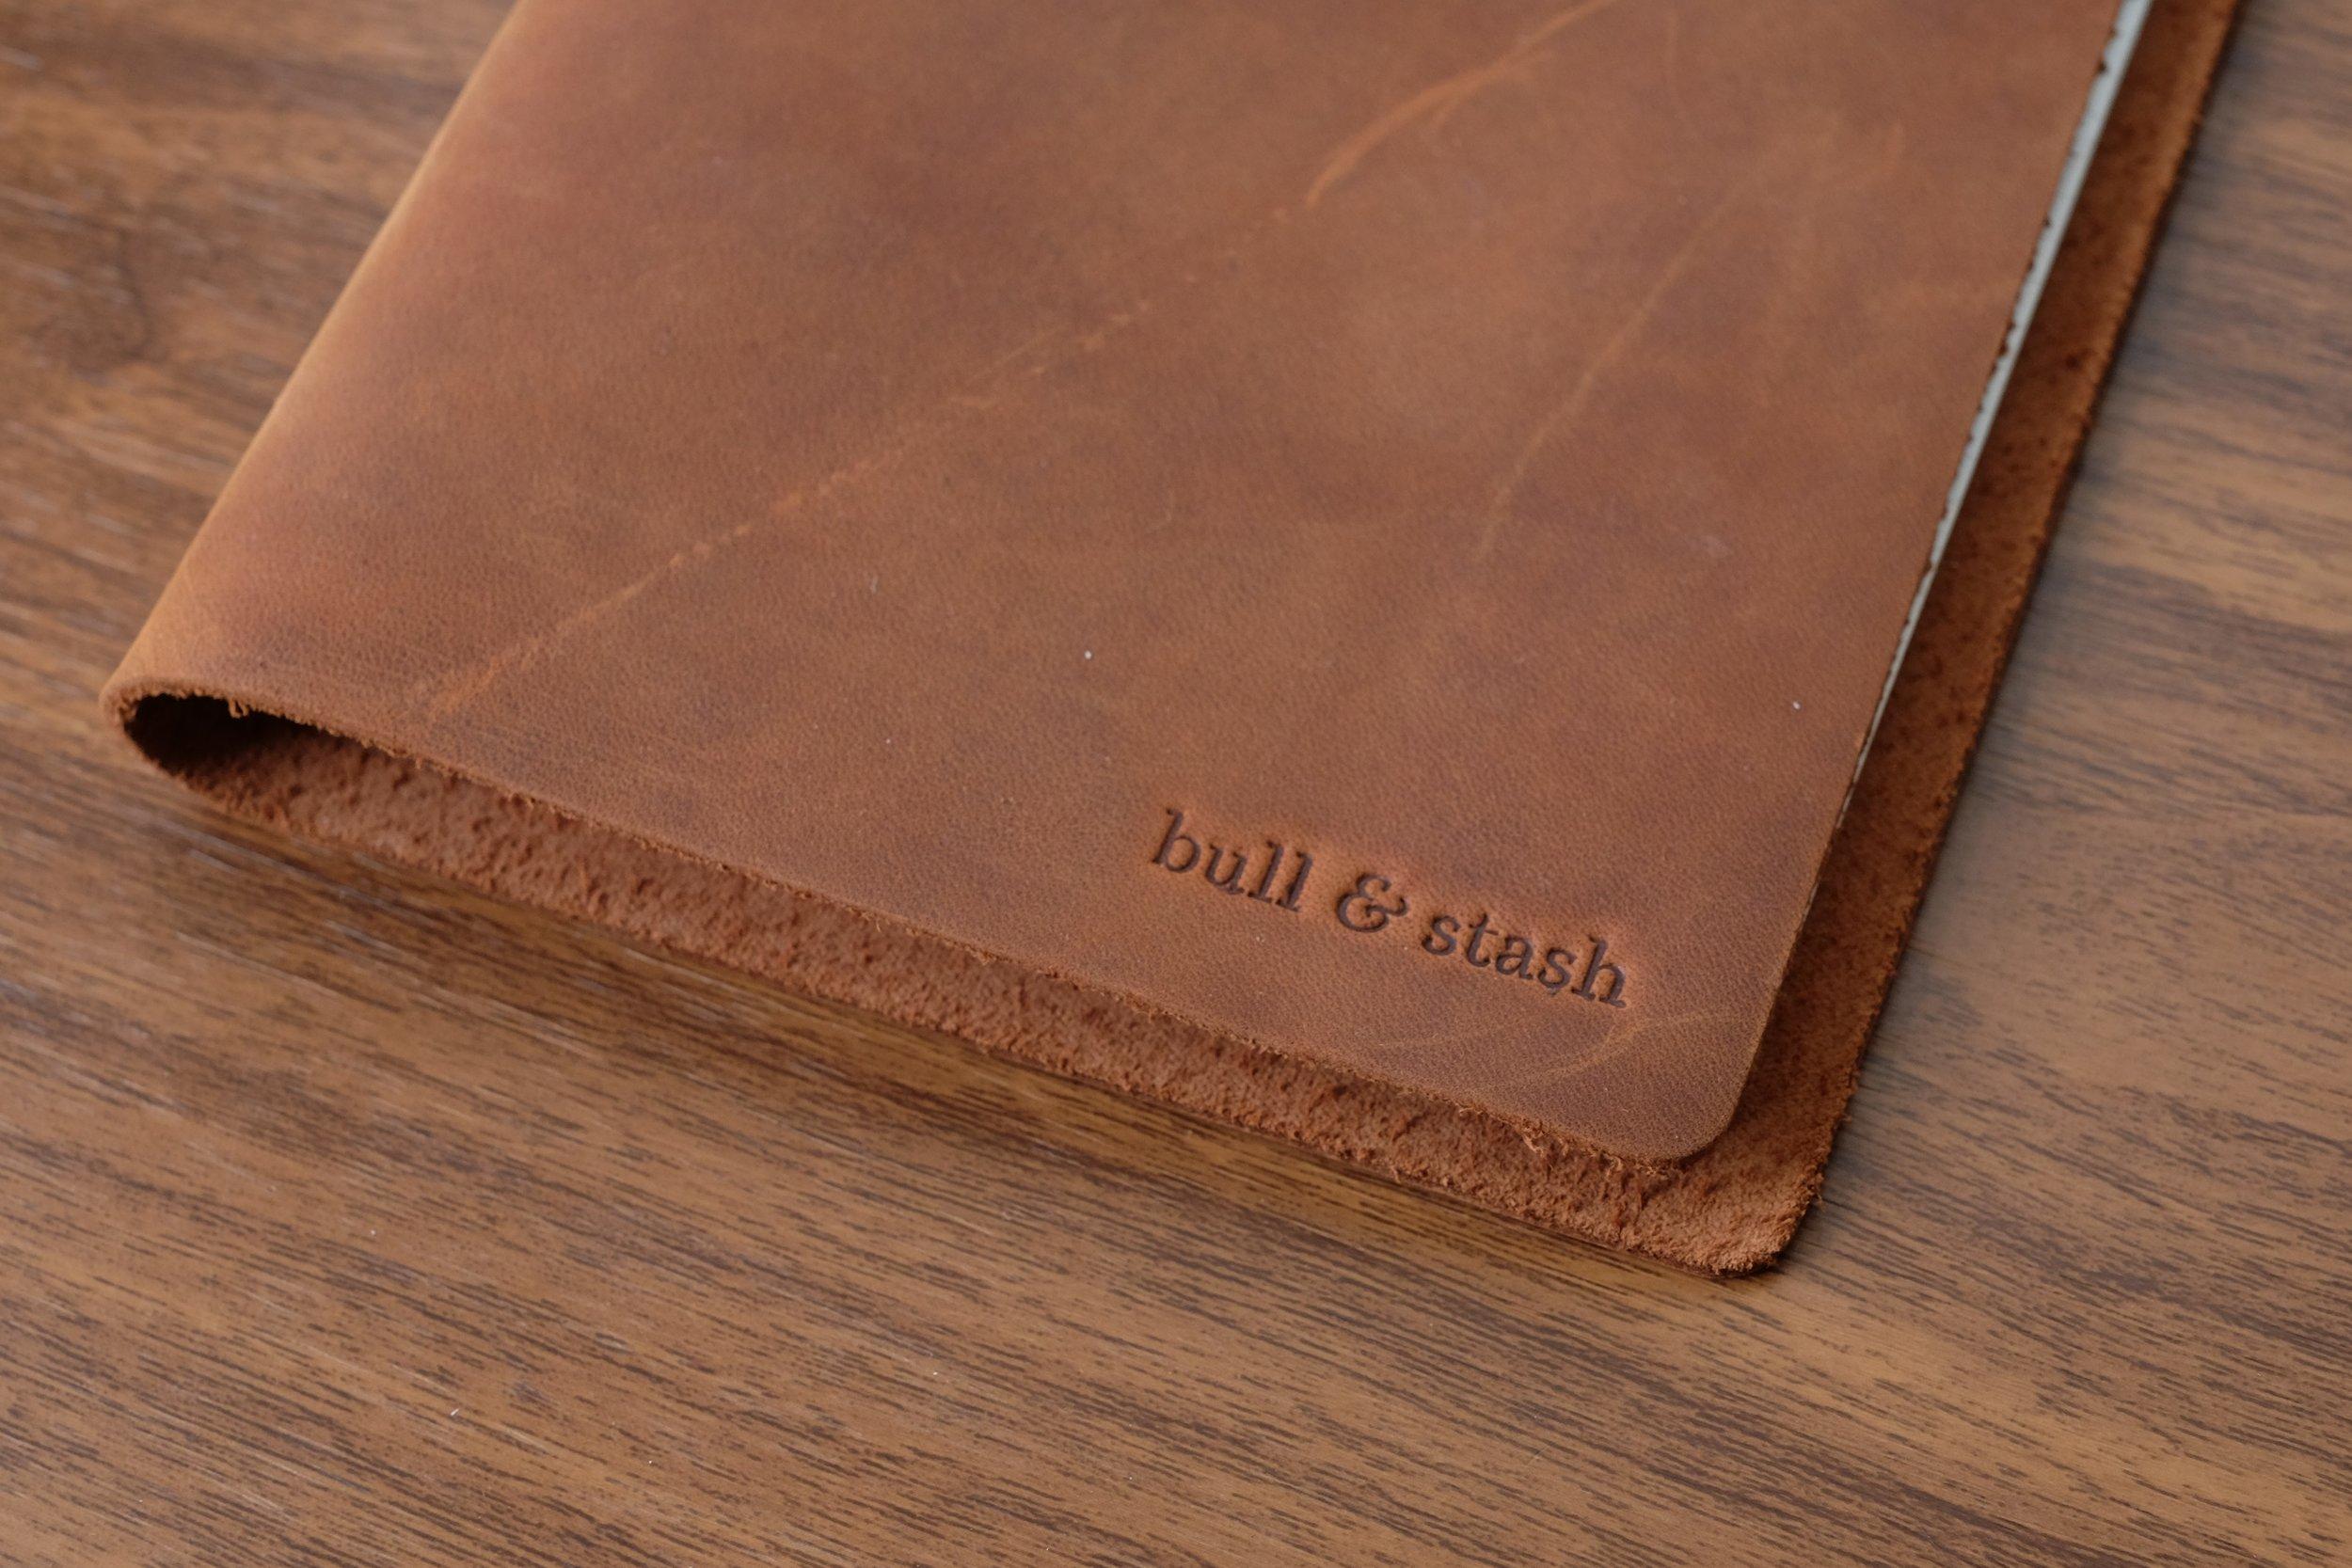 Bull-and-Stash-Logo